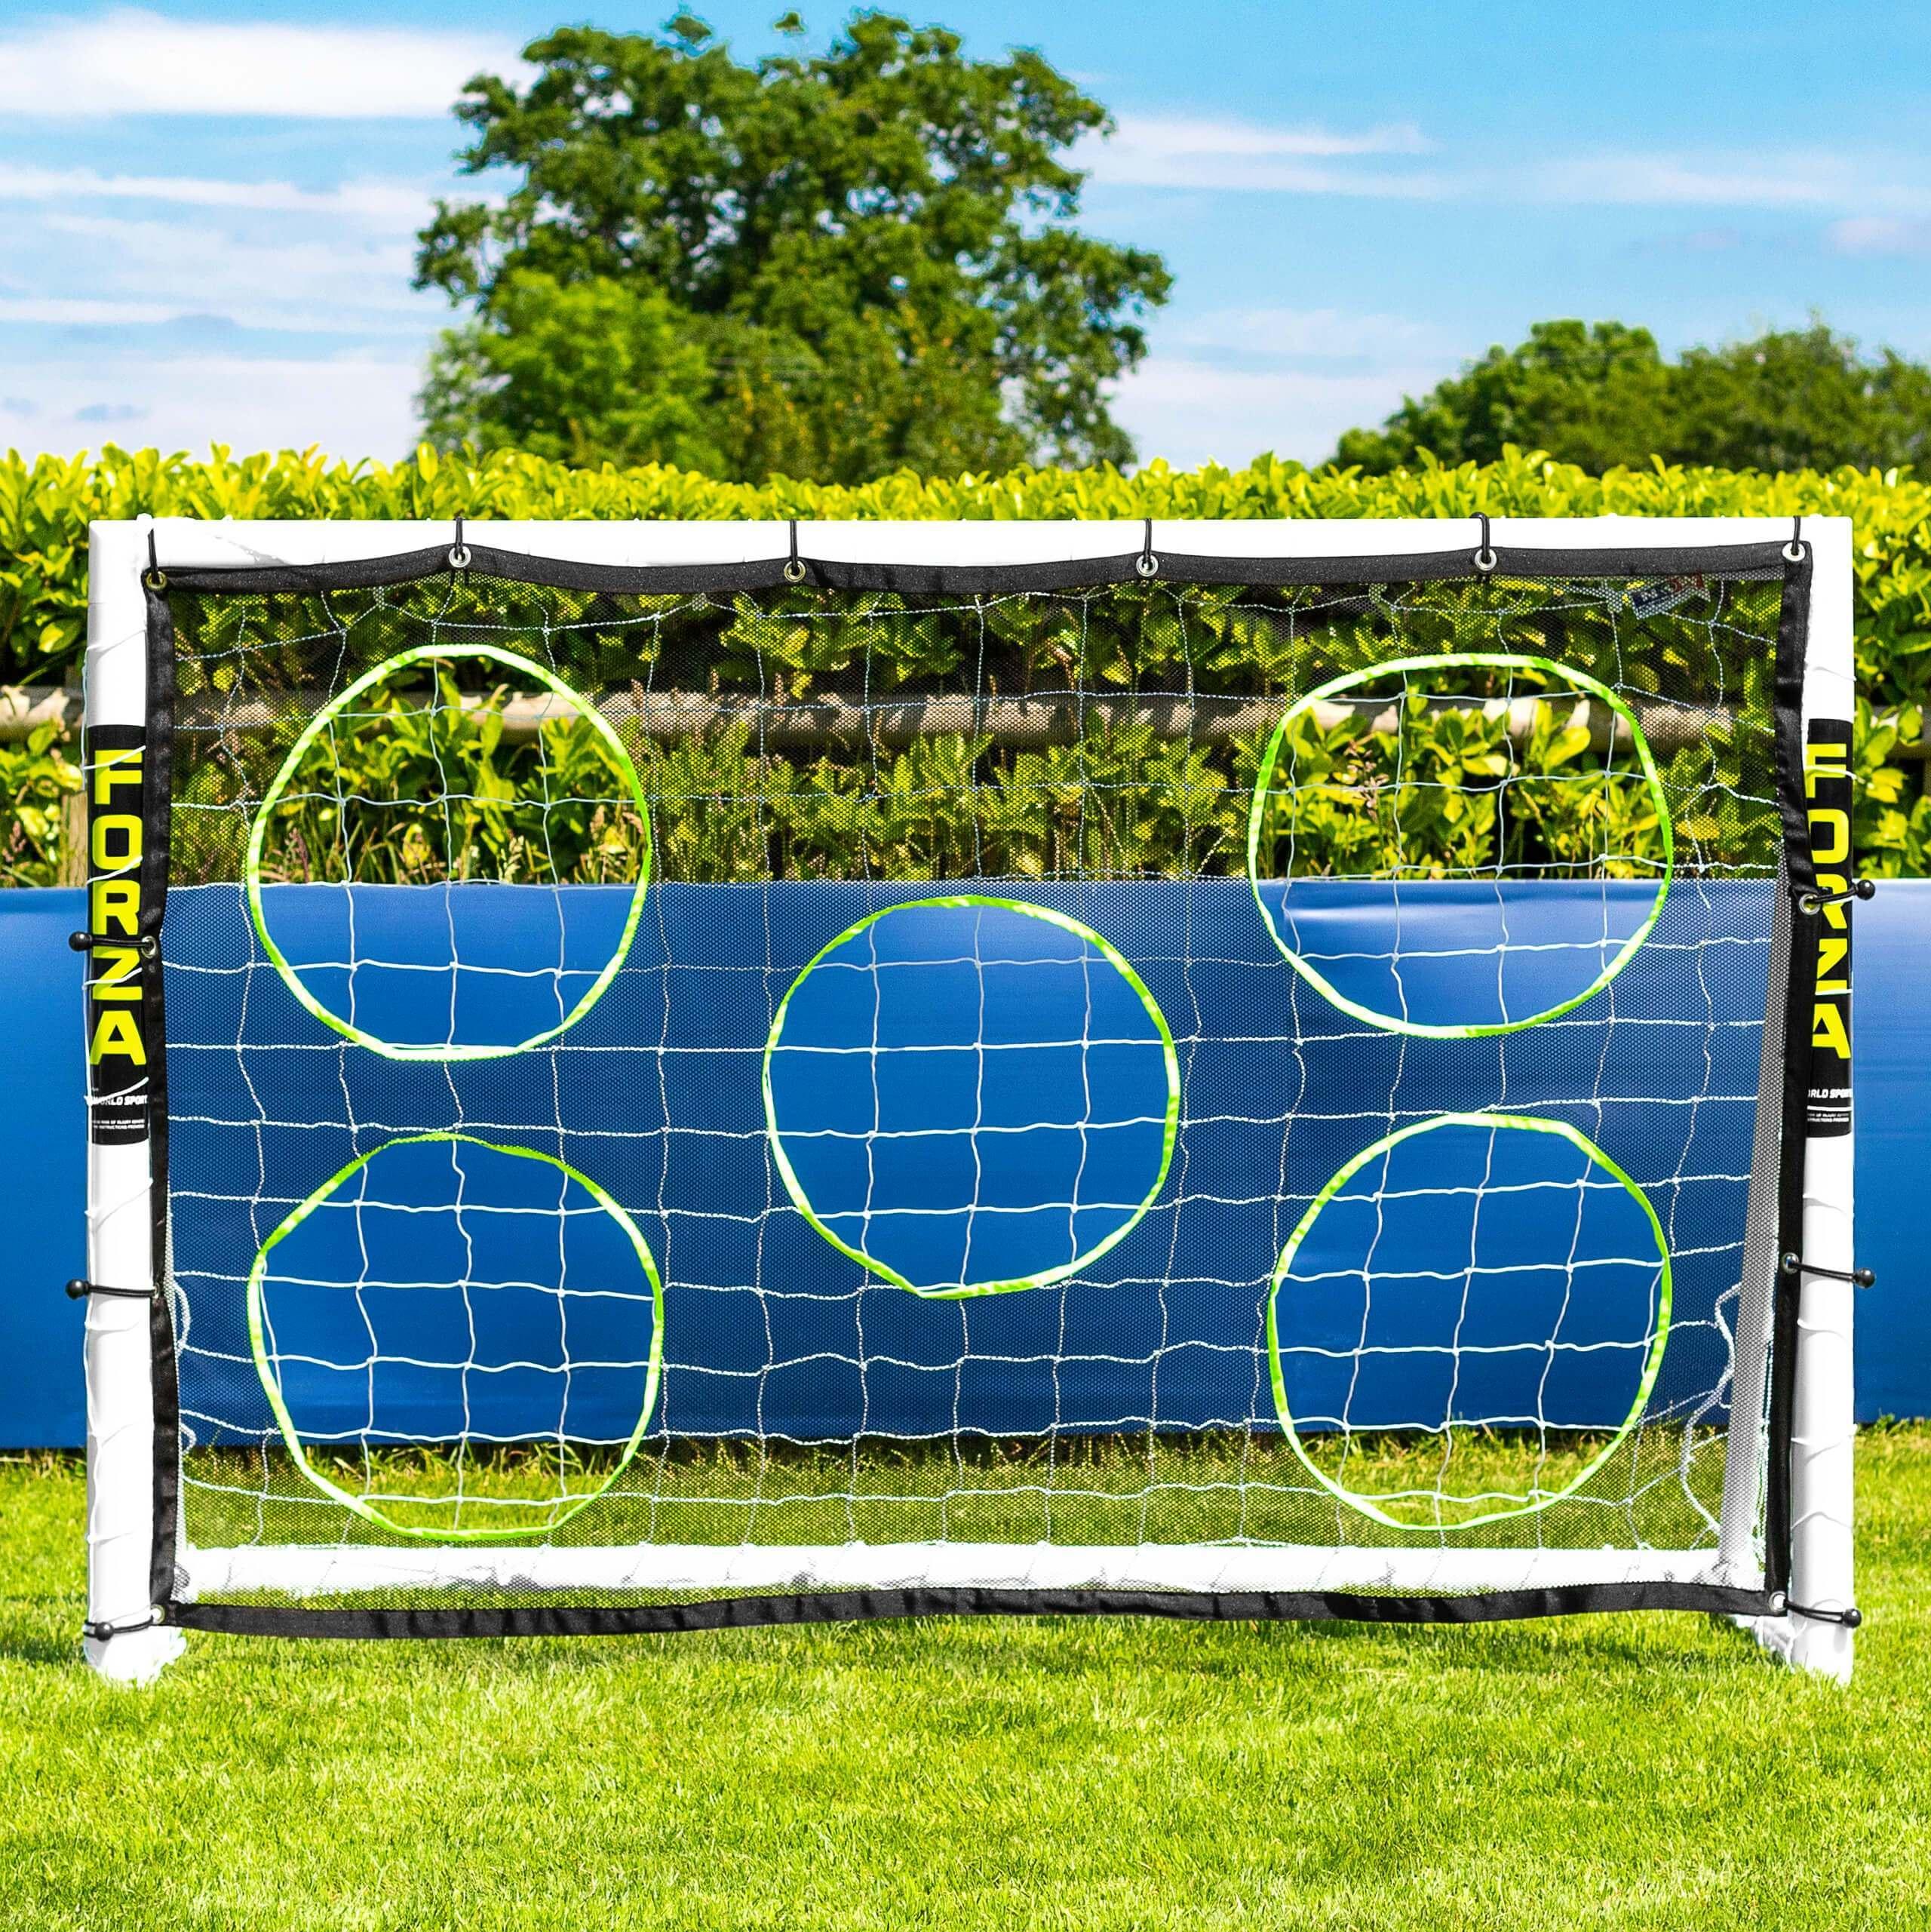 98bbb5546 Soccer Goal Target Sheets | Soccer Goal Targets | FORZA Goal